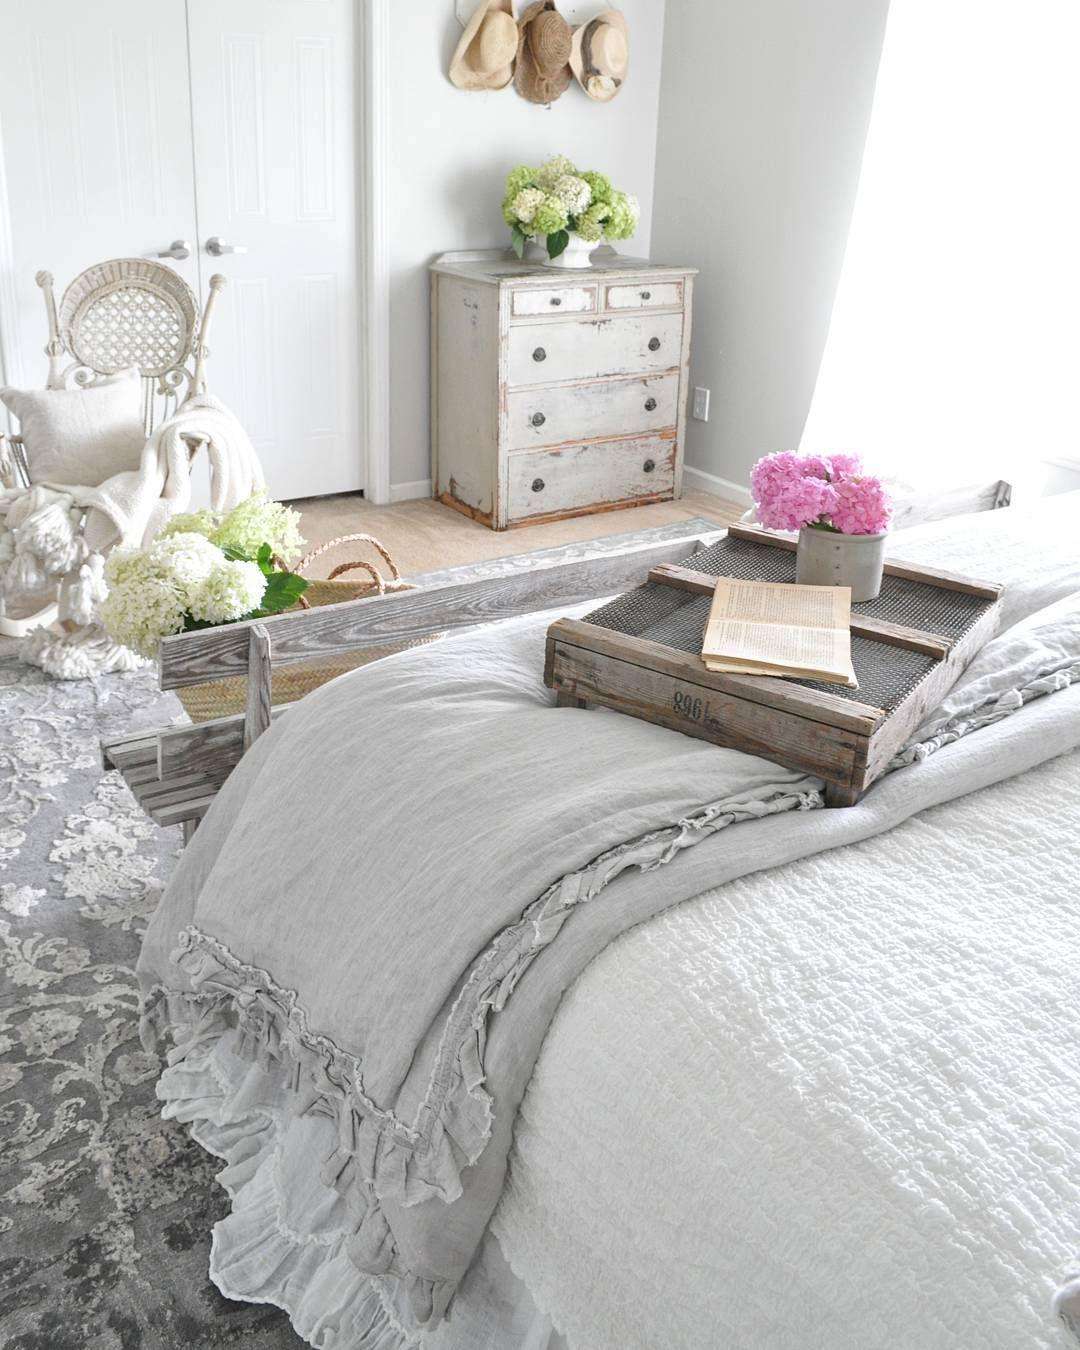 pin de antonio ruiz en imagenes decoracion de recamaras matrimoniales decoracion recamara y. Black Bedroom Furniture Sets. Home Design Ideas